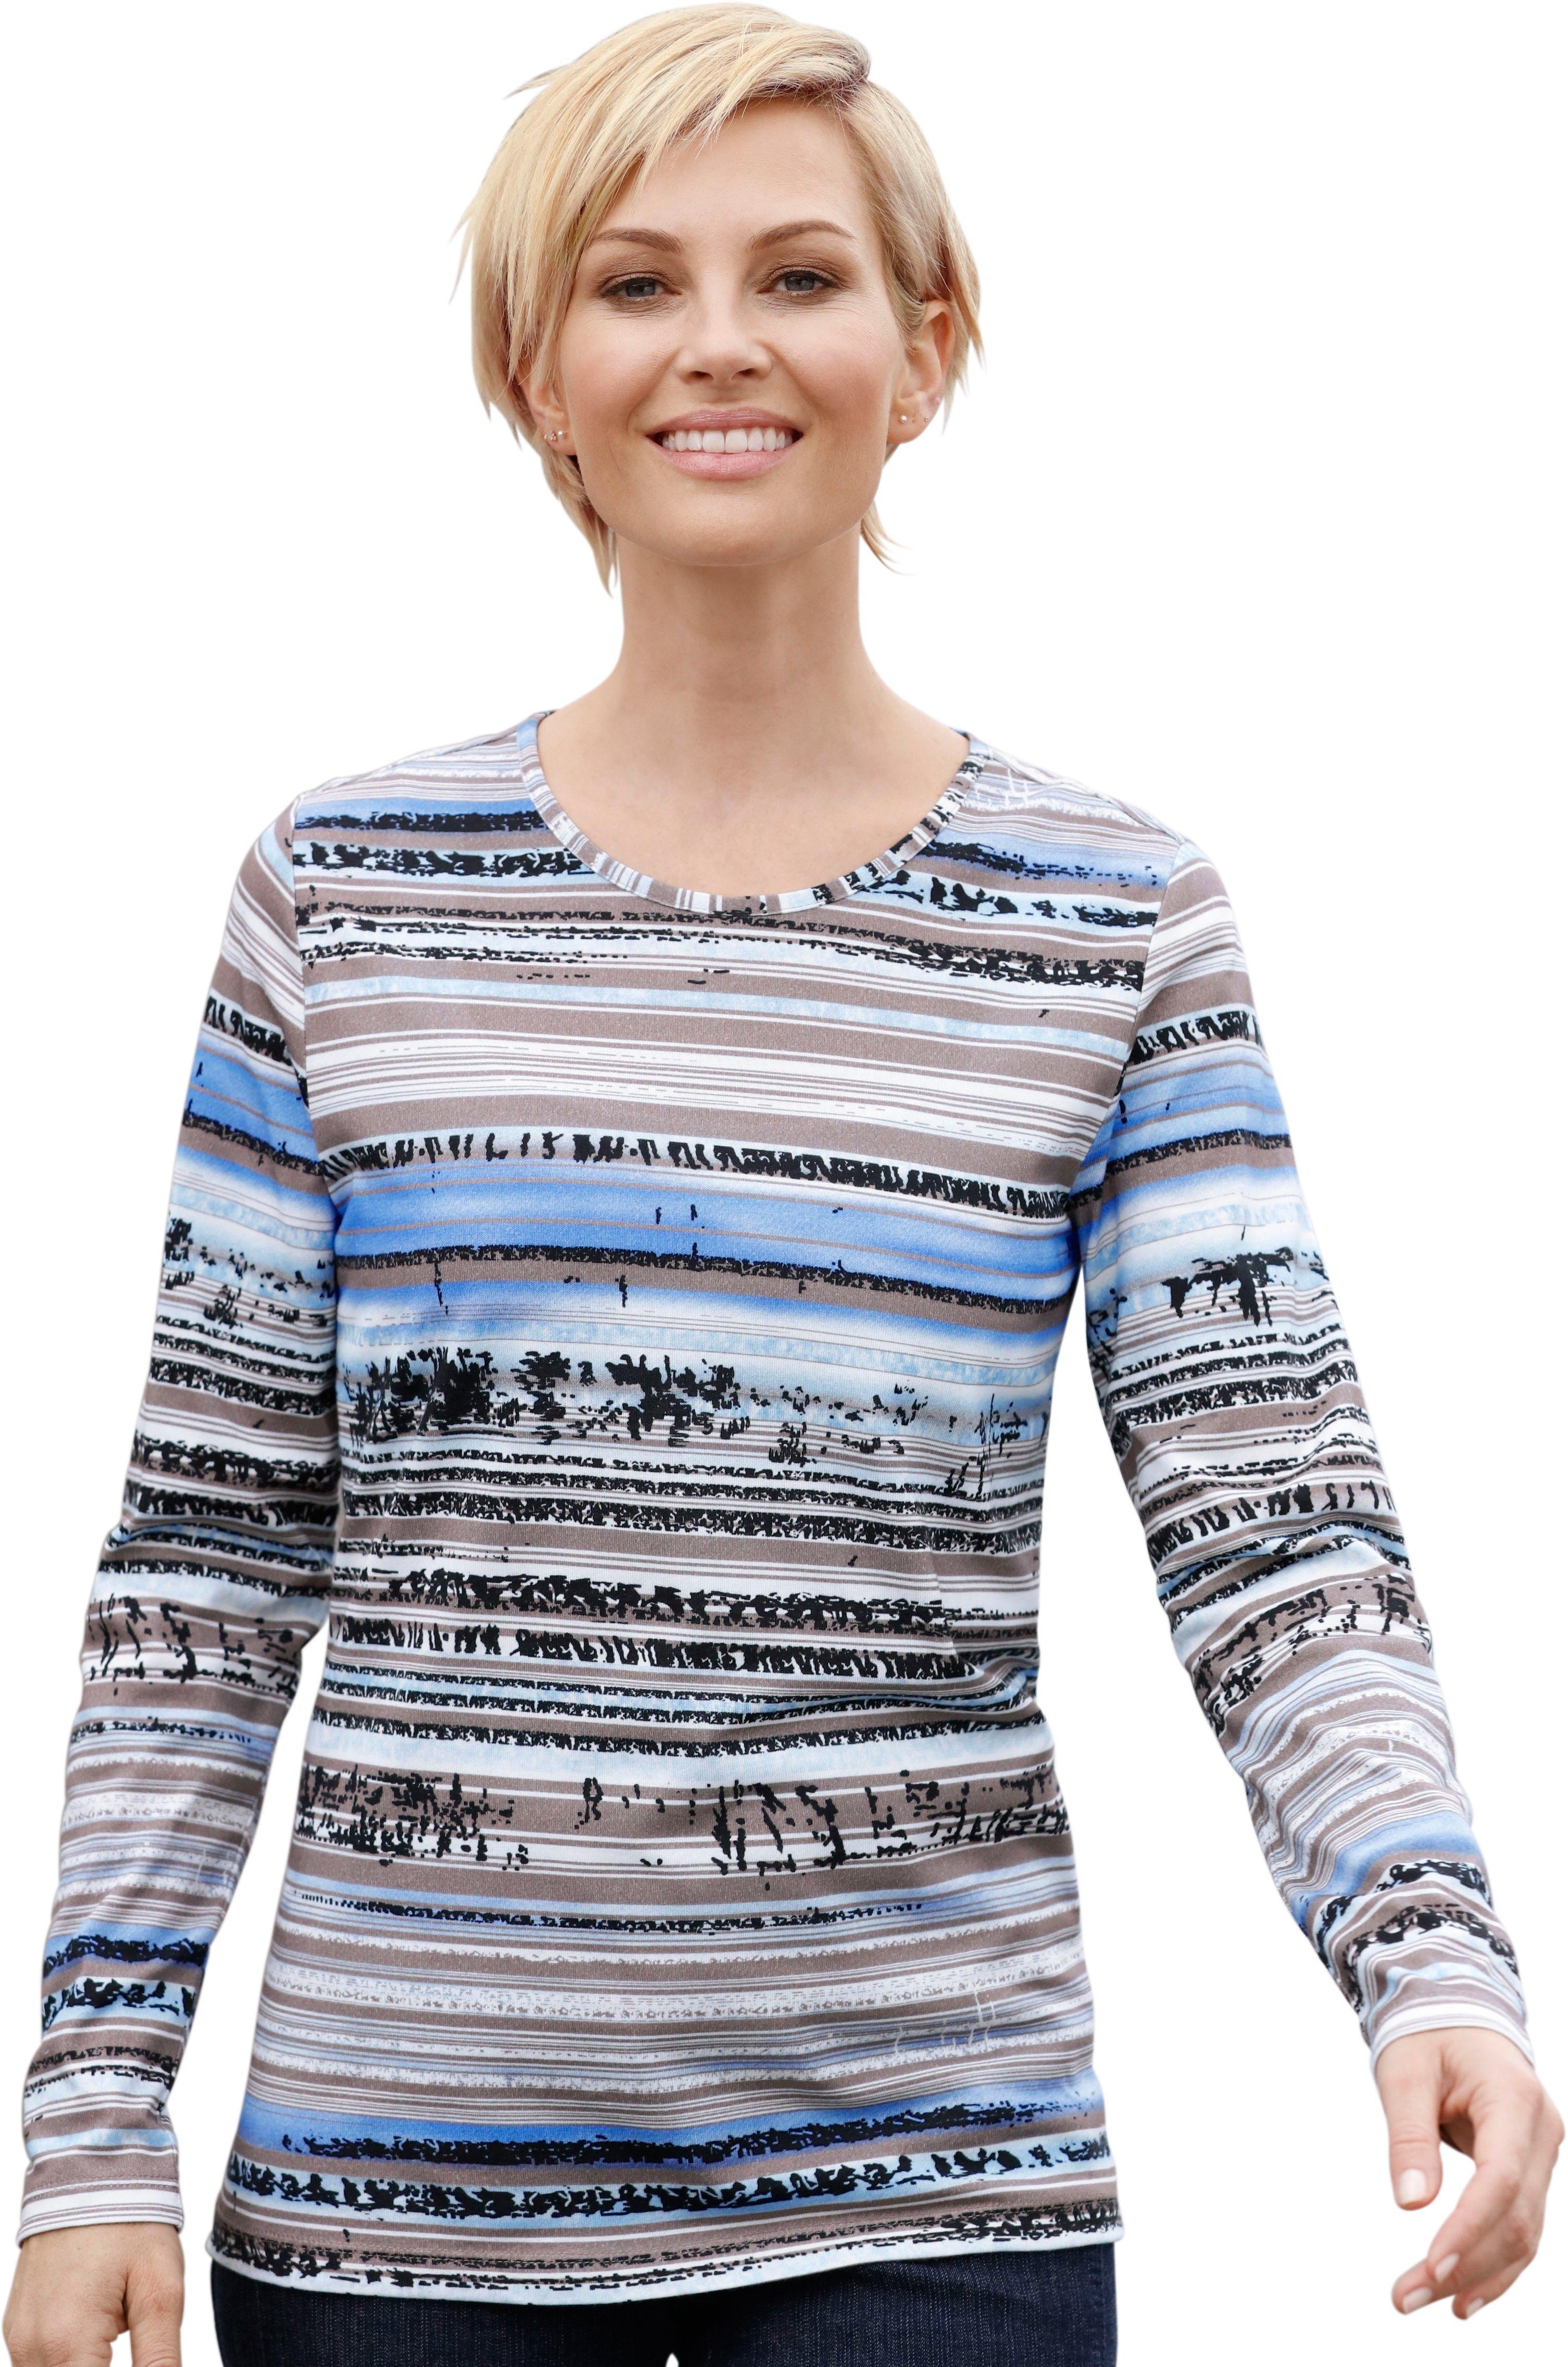 Casual Met Printmotief Shirt Veelzijdig Online Kopen Looks Te Combineren XuTOPkZi